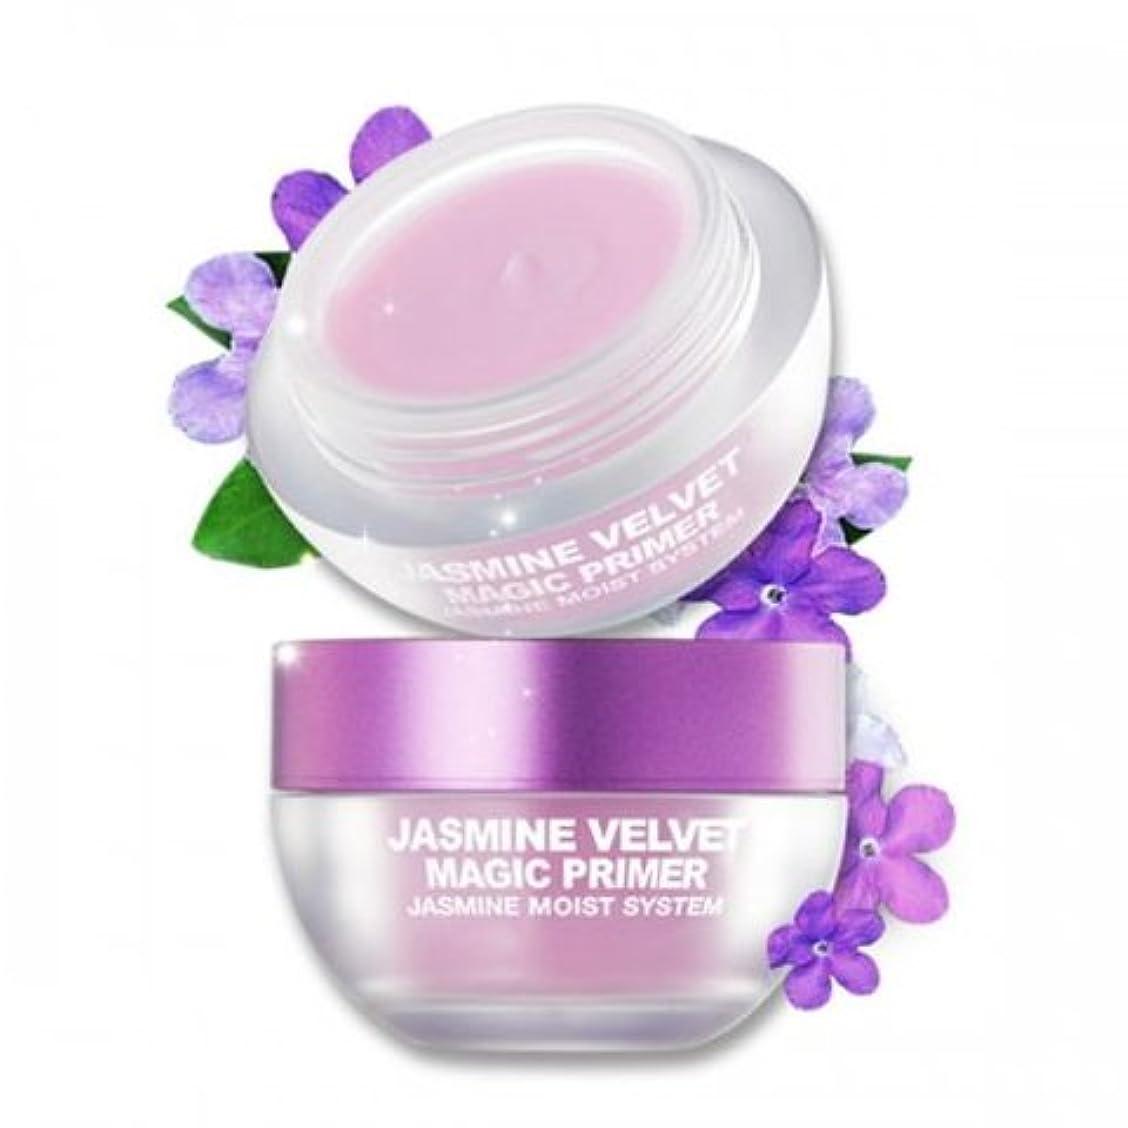 類似性ありがたいテレマコス【BRTC/非アルティ時]Jasmine Velvet Magic Primer/ぽっかり空いた毛穴なめらか卵肌に仕上げ!/BRTCジャスミンベルベットマジックプライマー30ml(海外直送品)